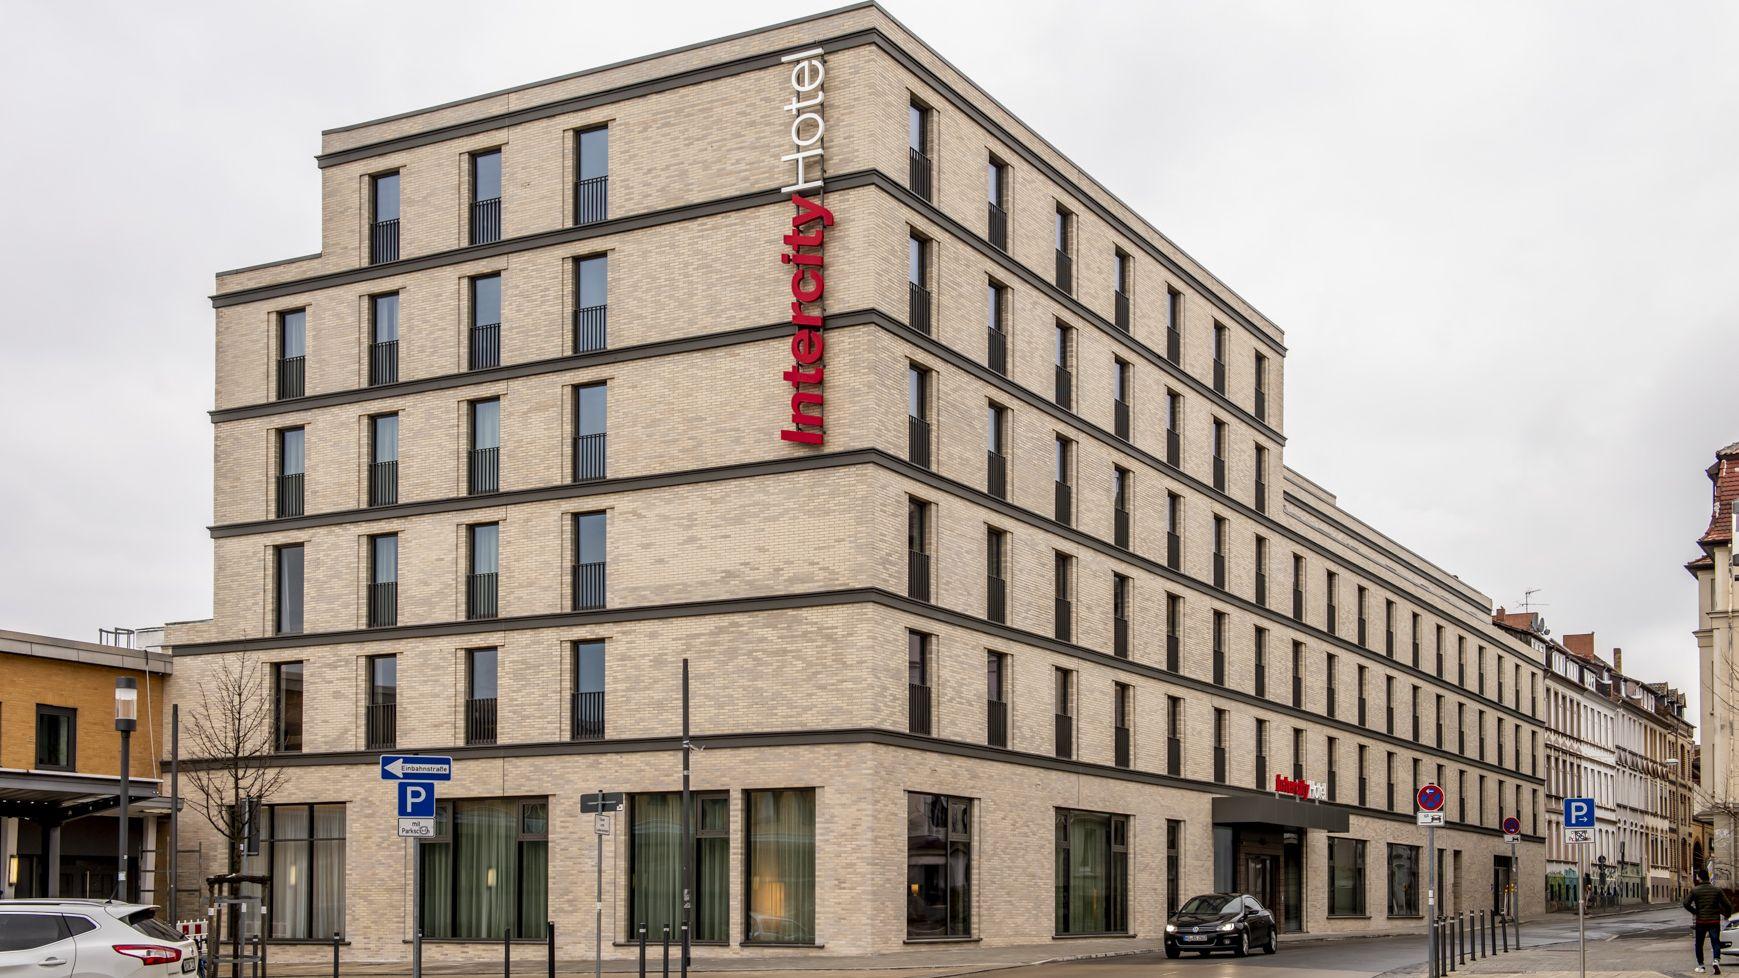 Expansion-Intercityhotel-Hildesheim-ffnet-seine-T-ren